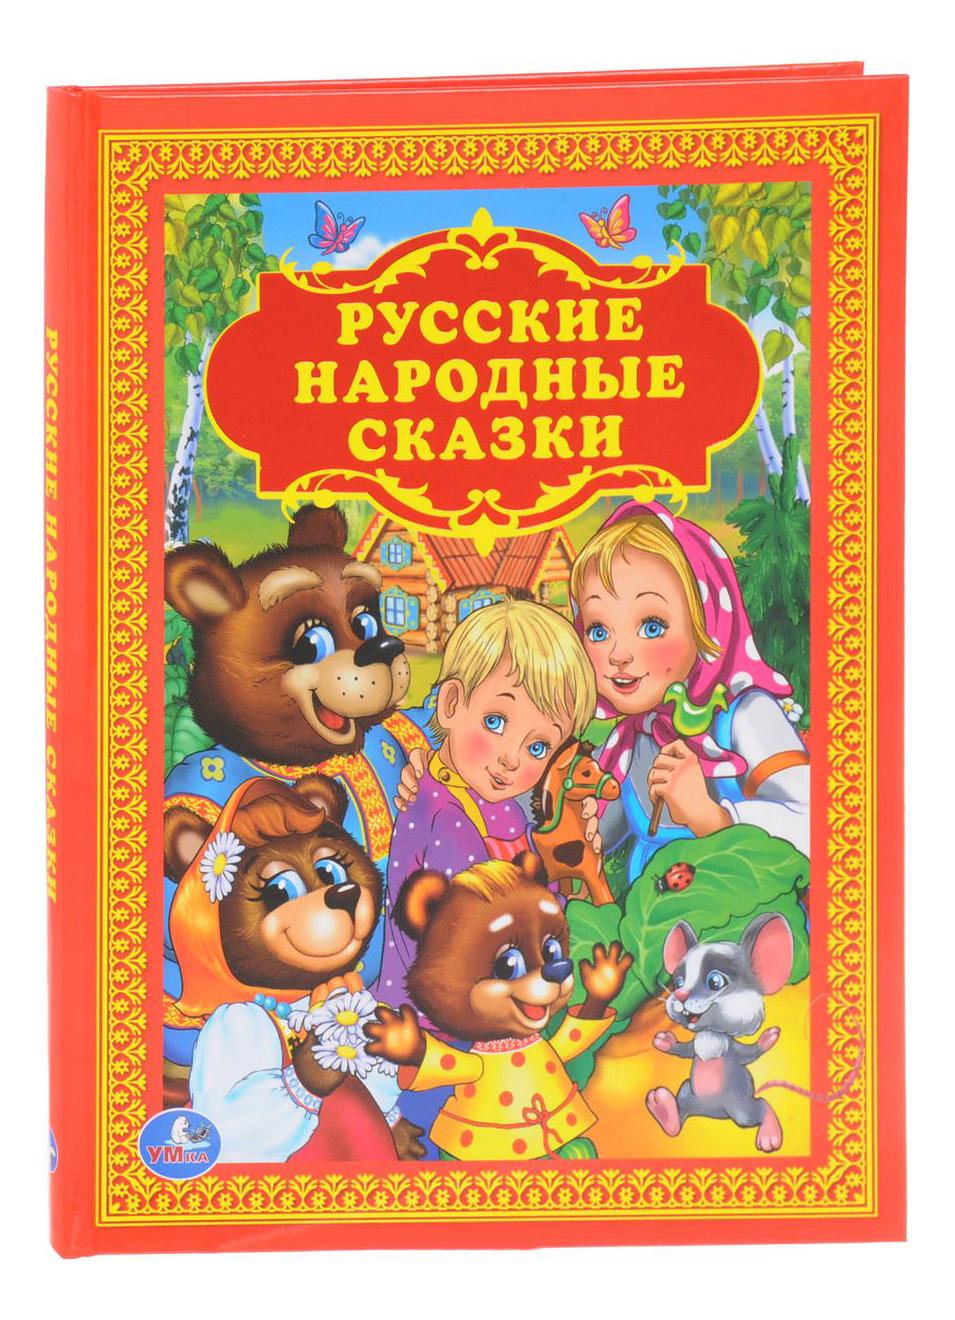 Народные русские сказки — википедия. что такое народные русские сказки